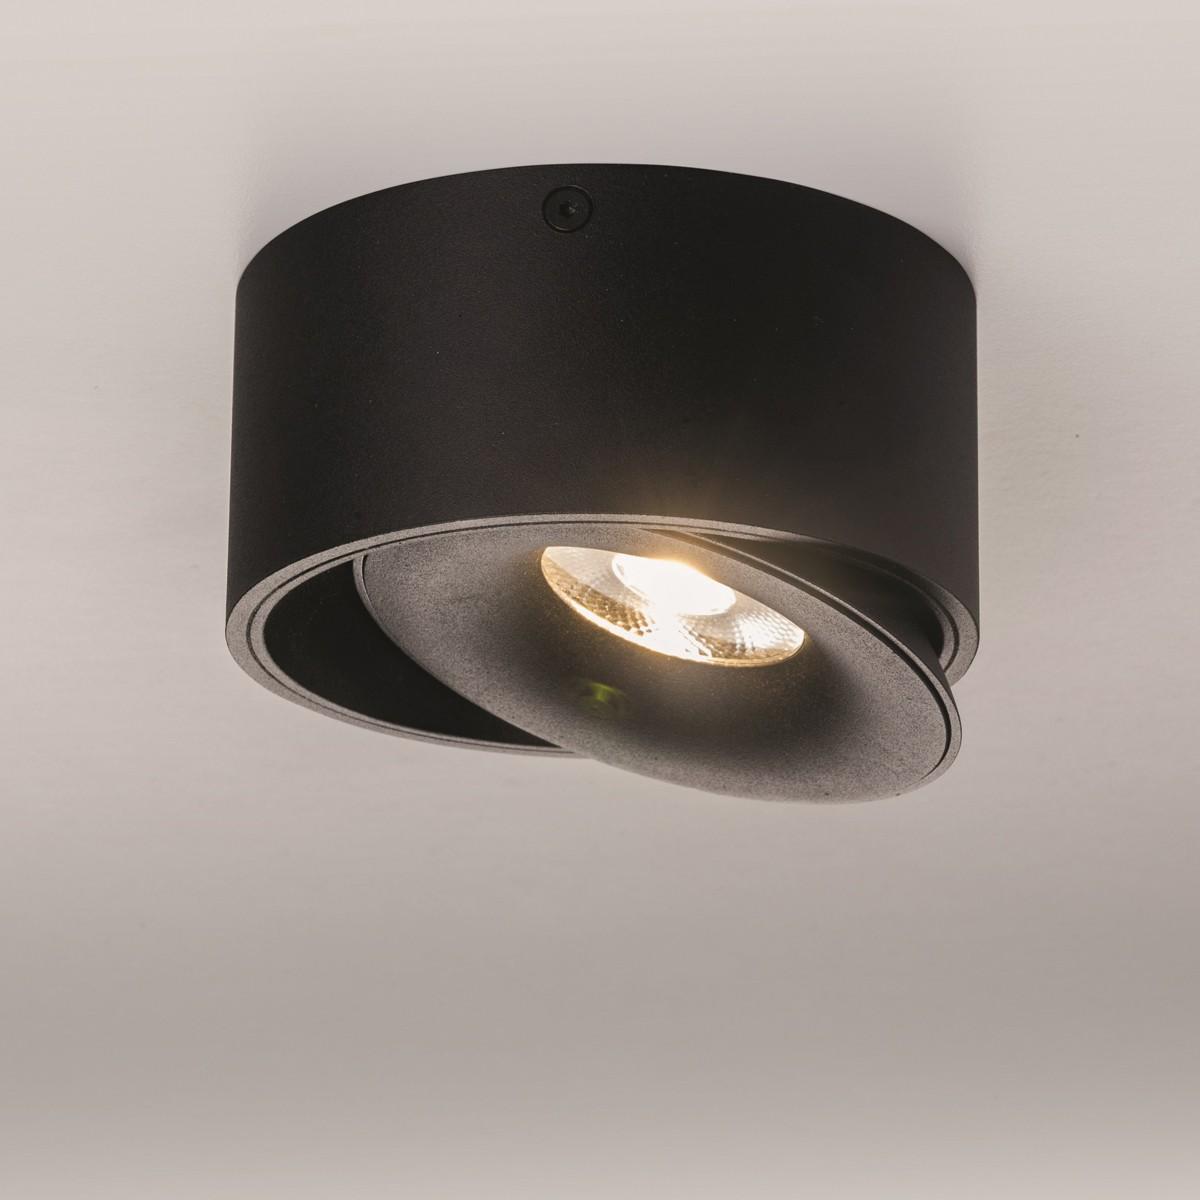 Lupia Licht Saturn LED Deckenstrahler, schwarz